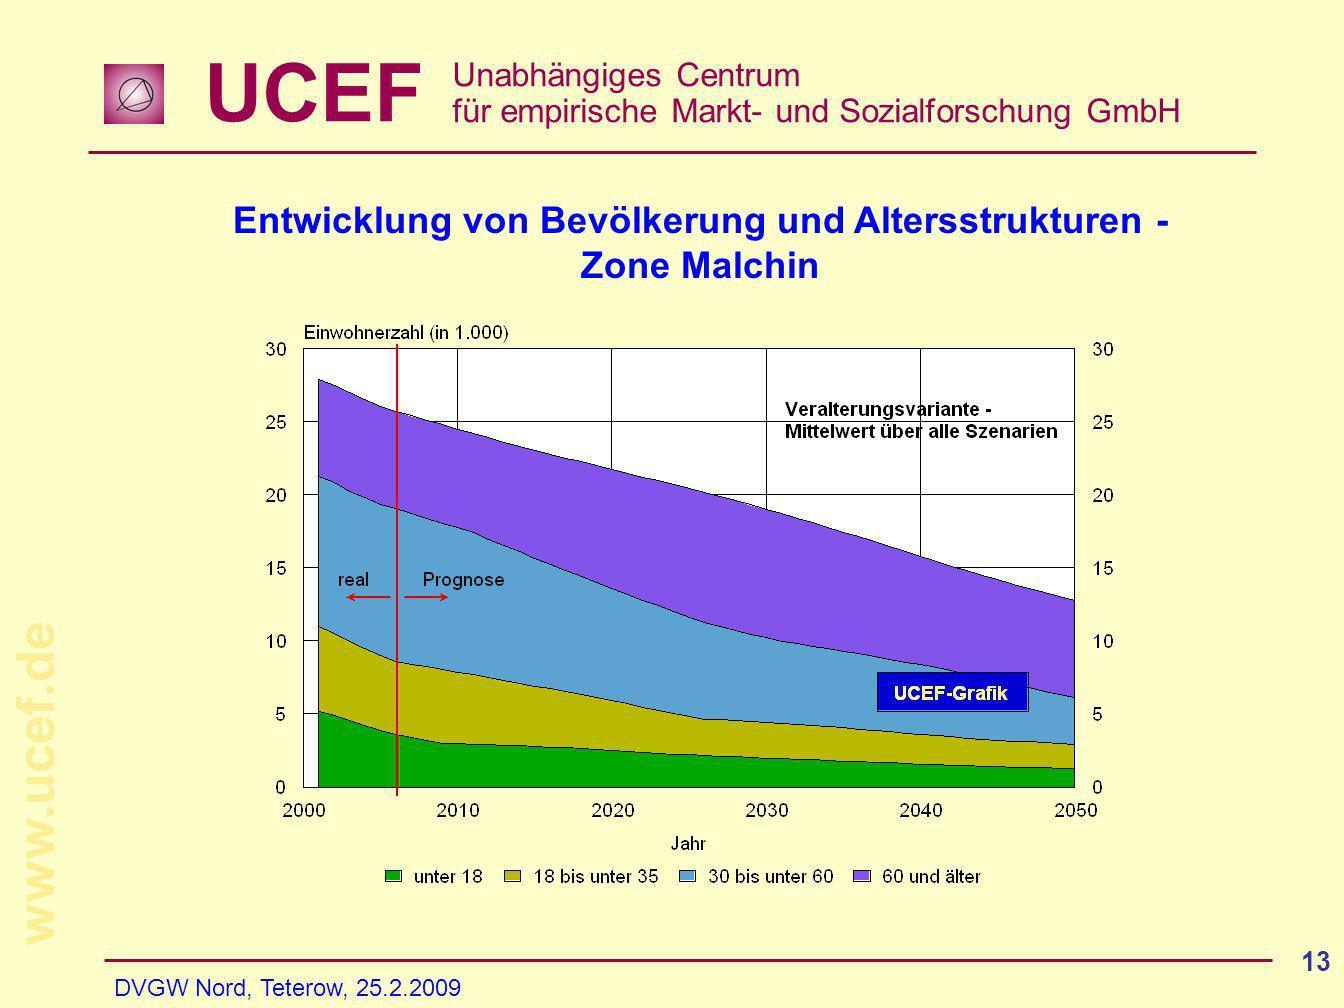 UCEF Unabhängiges Centrum für empirische Markt- und Sozialforschung GmbH www.ucef.de DVGW Nord, Teterow, 25.2.2009 13 Entwicklung von Bevölkerung und